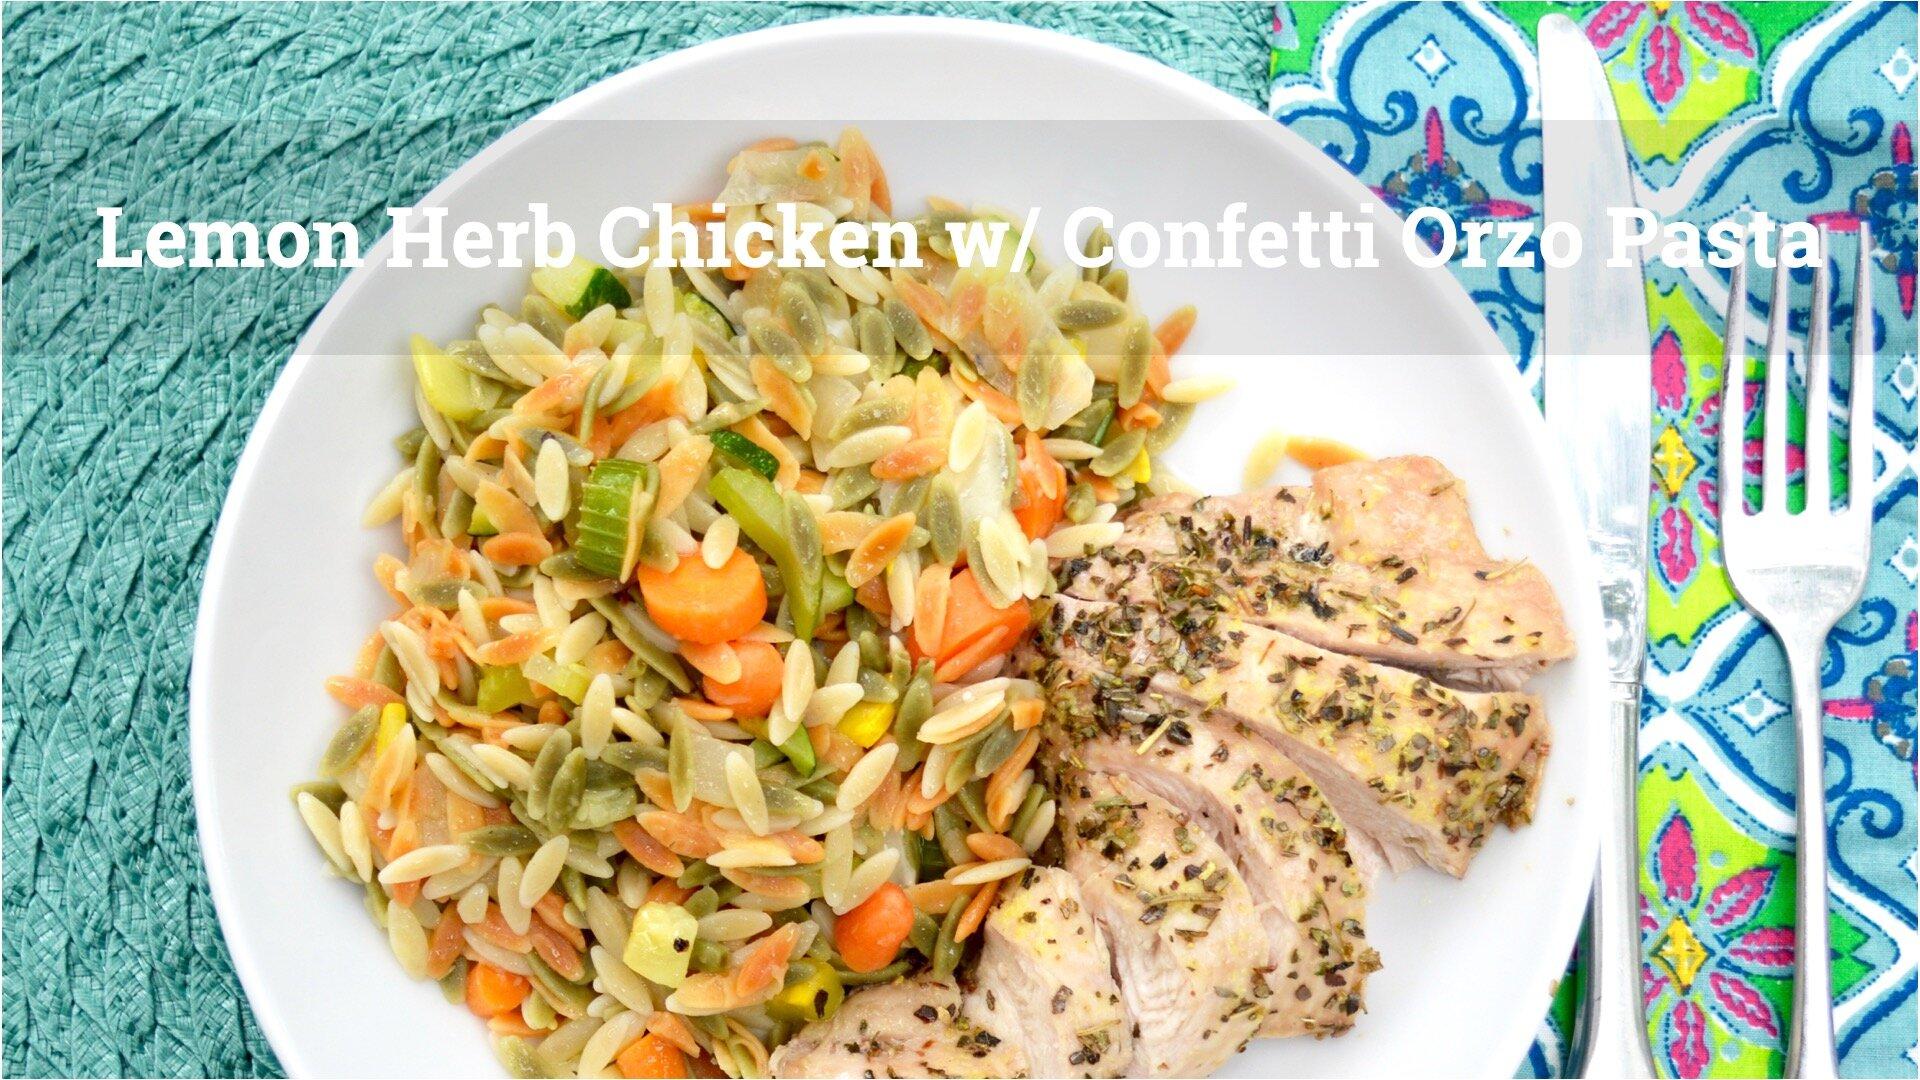 Lemon Herb Chicken_Name.jpg